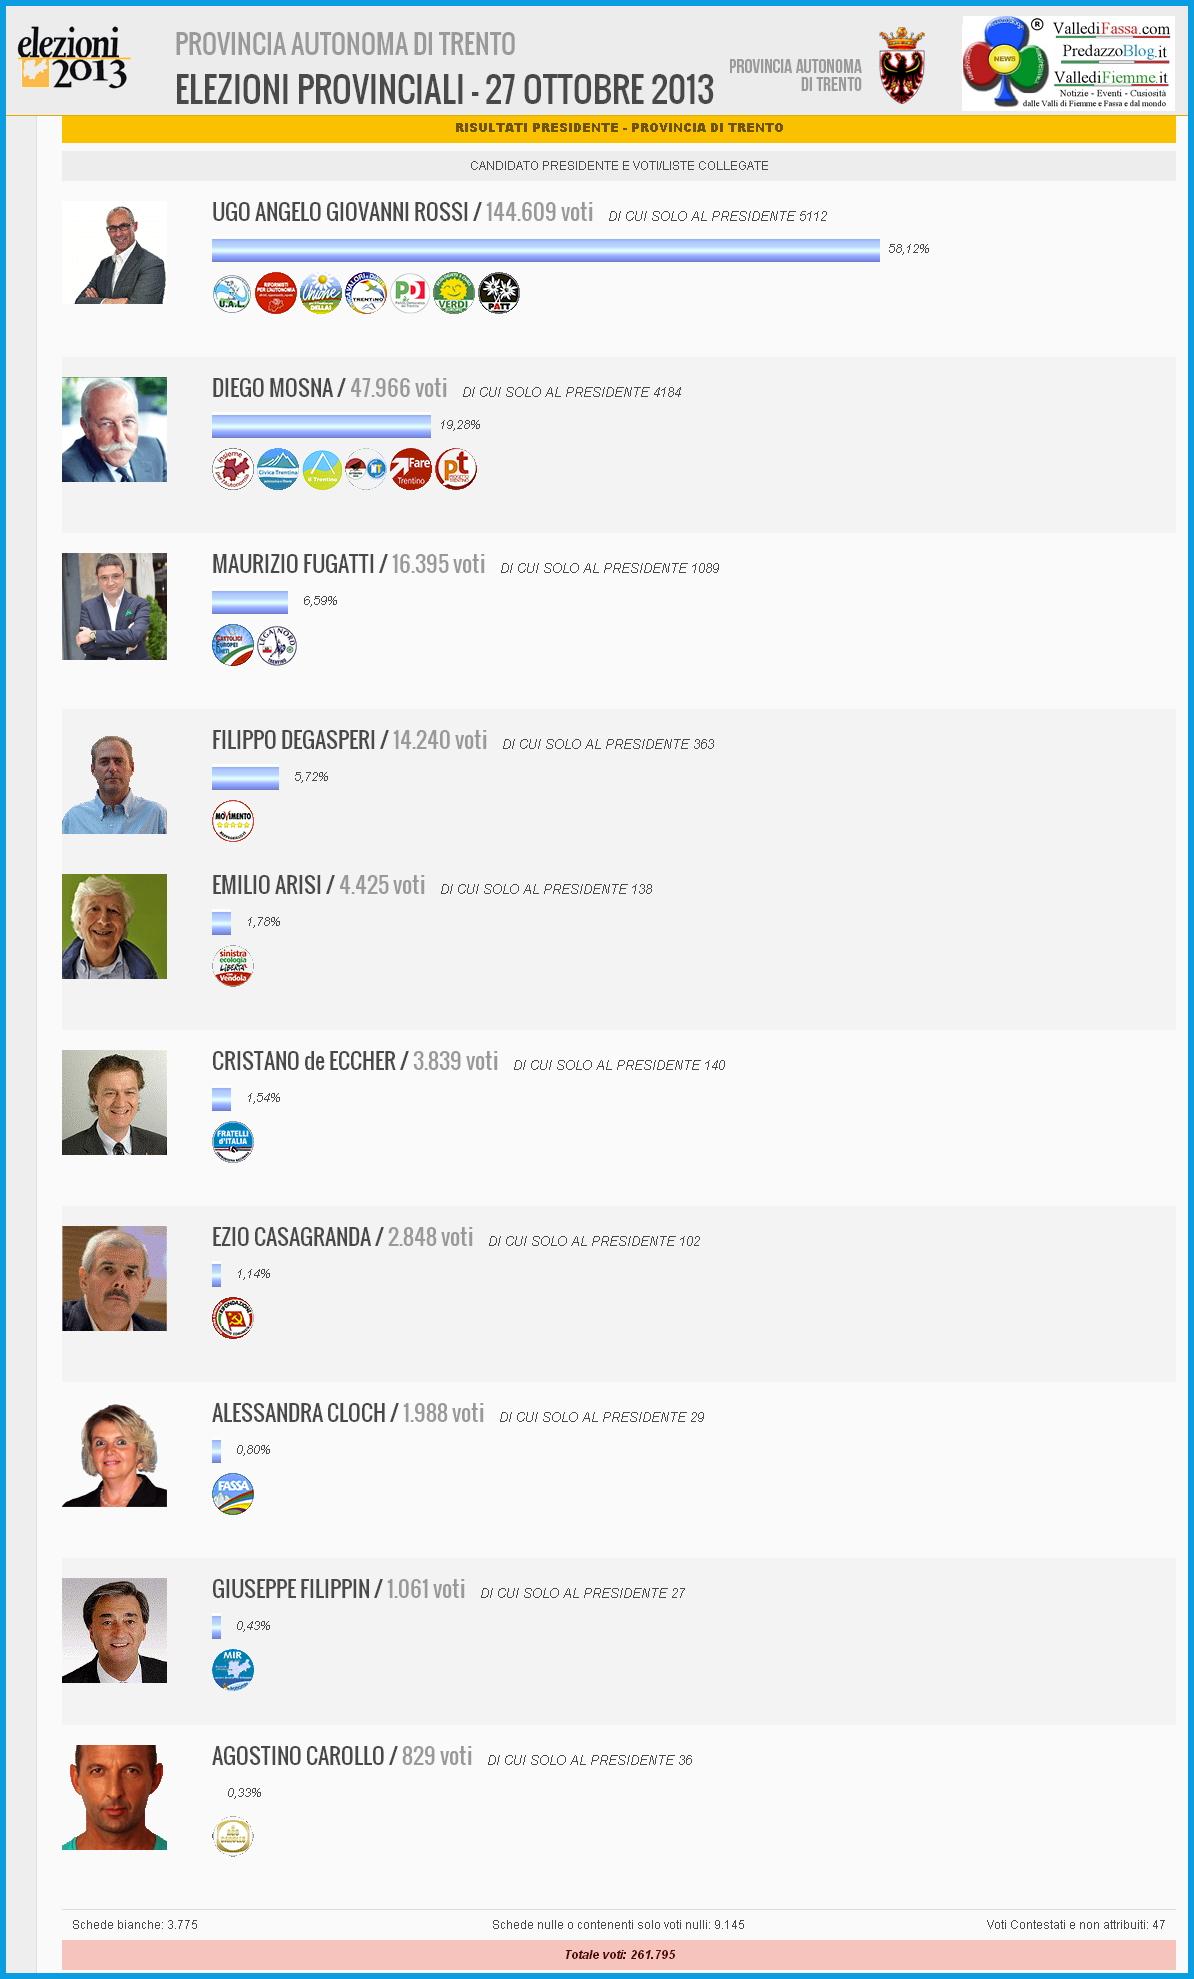 risultati elezioni provinciali trentino presidenti 2013 Elezioni Provinciali 2013 Trentino   I risultati in tempo reale